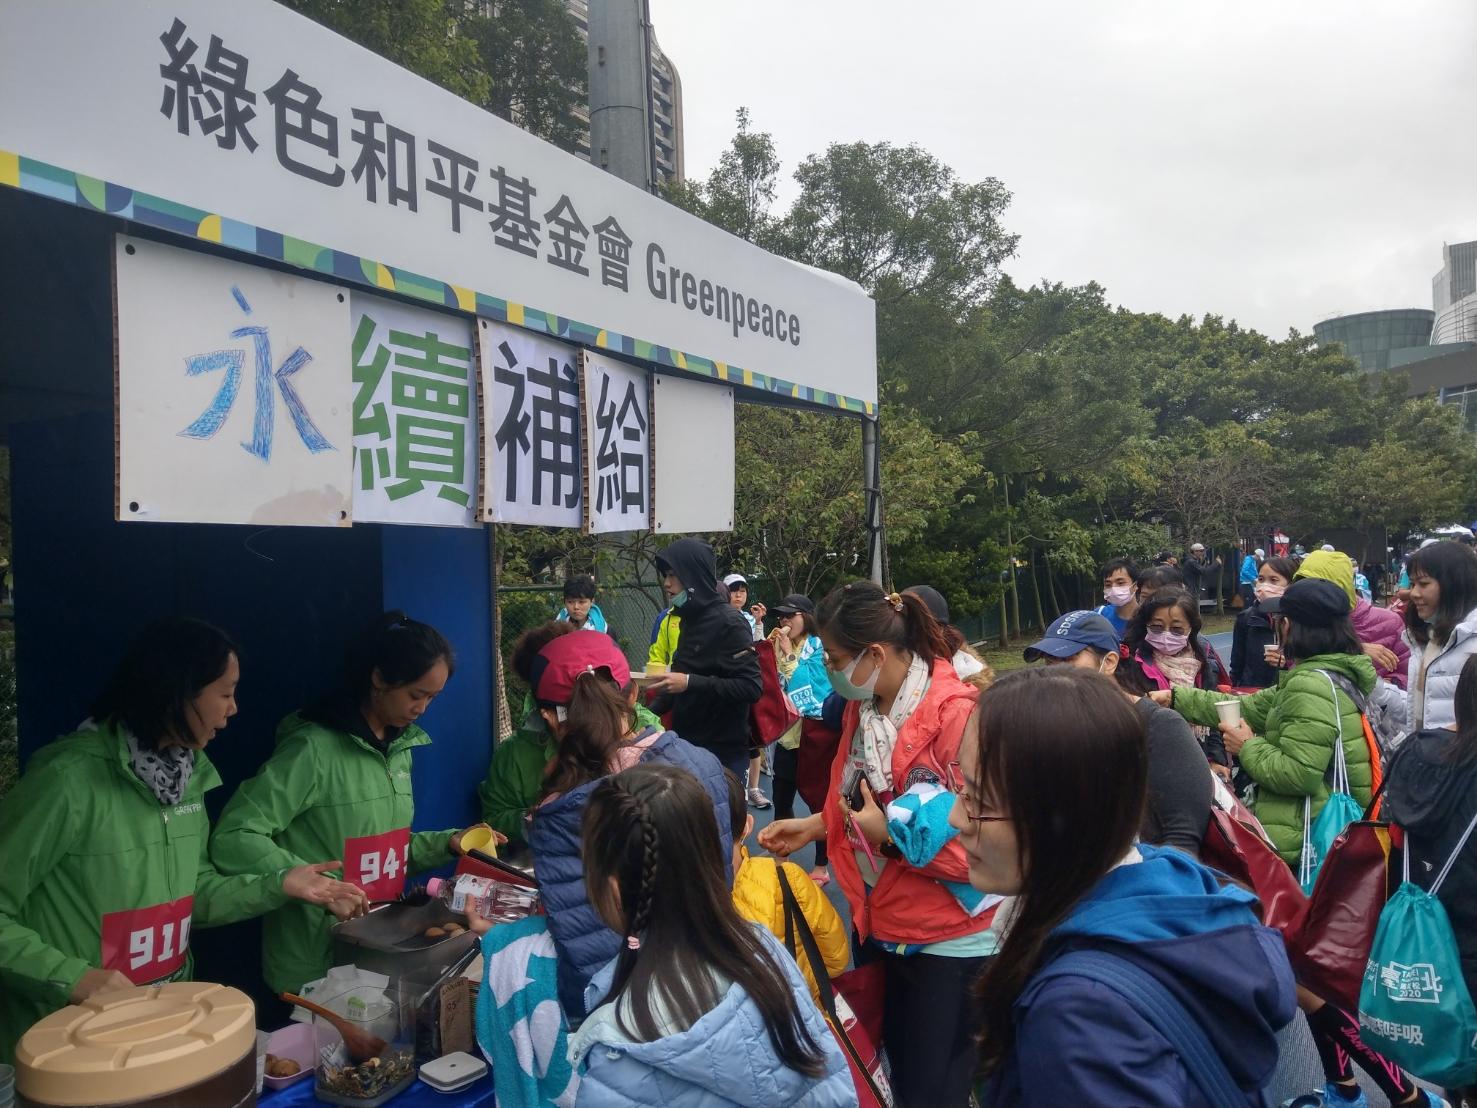 熱食與環境模擬裝置,在3小時內成功吸引約400名跑者來到補給站。